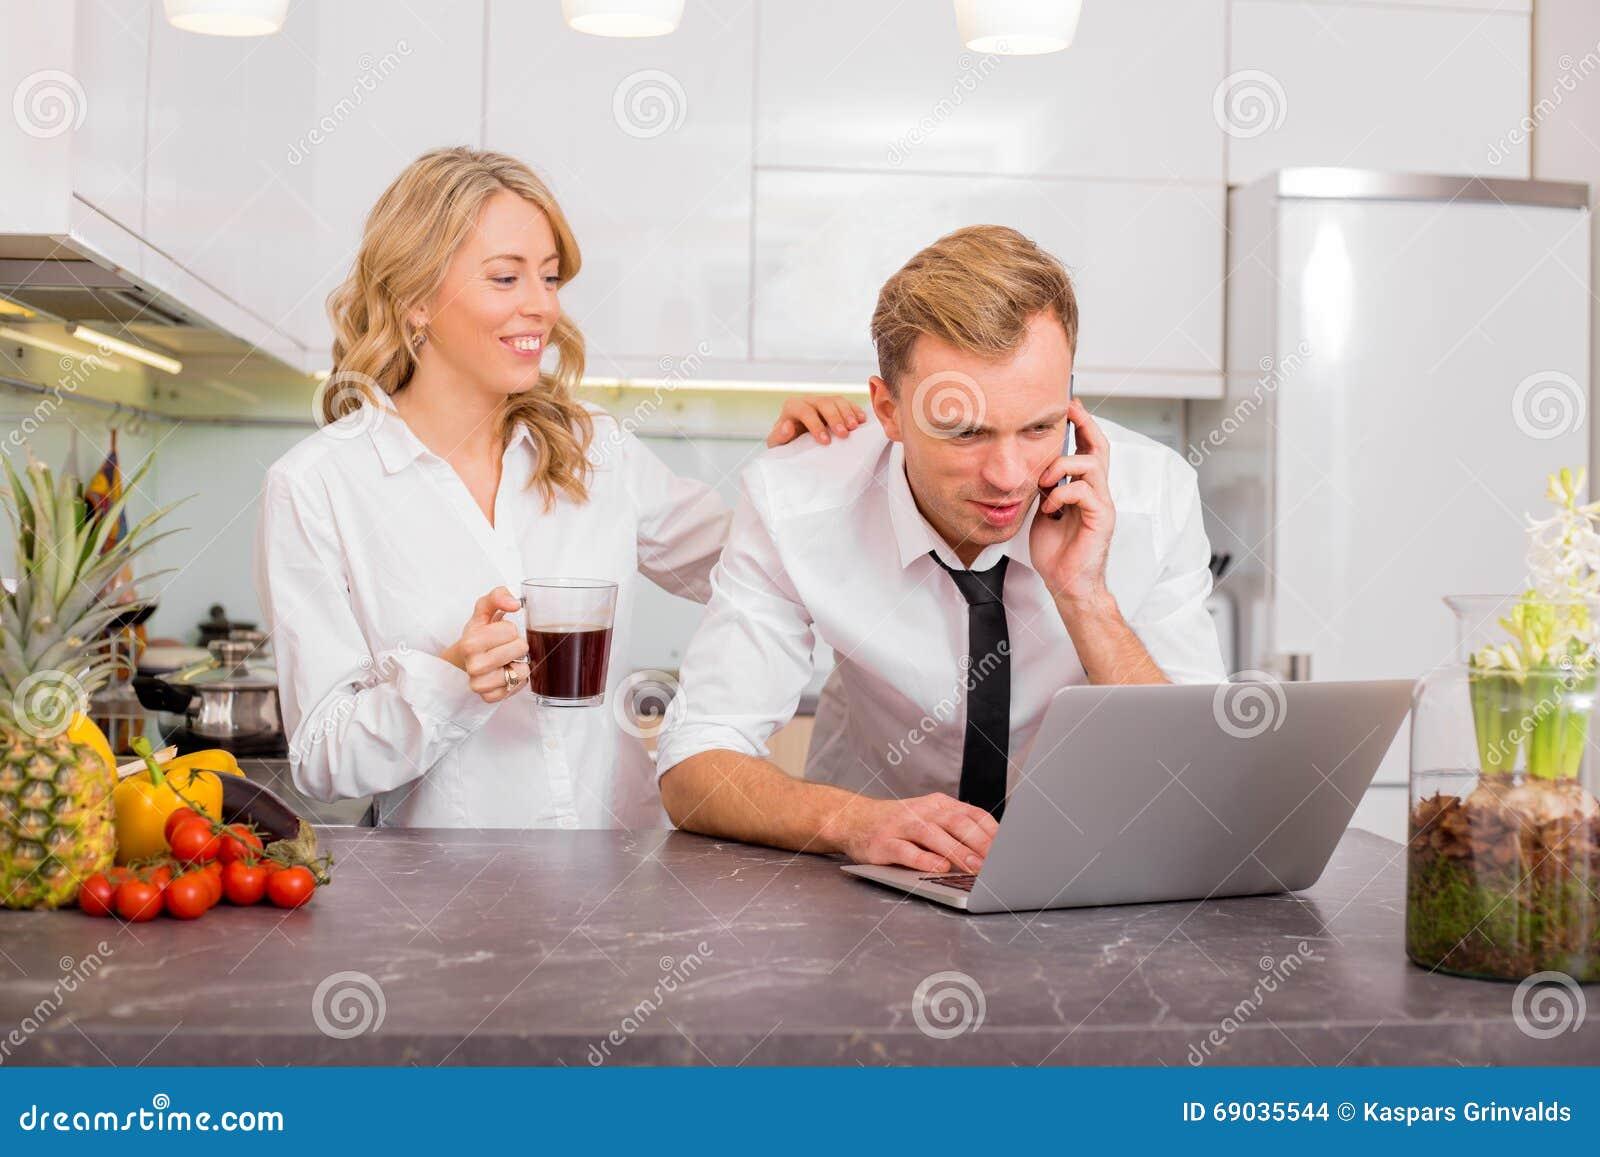 Couples dans la cuisine parlant au t l phone photo stock - Couple faisant l amour dans la cuisine ...